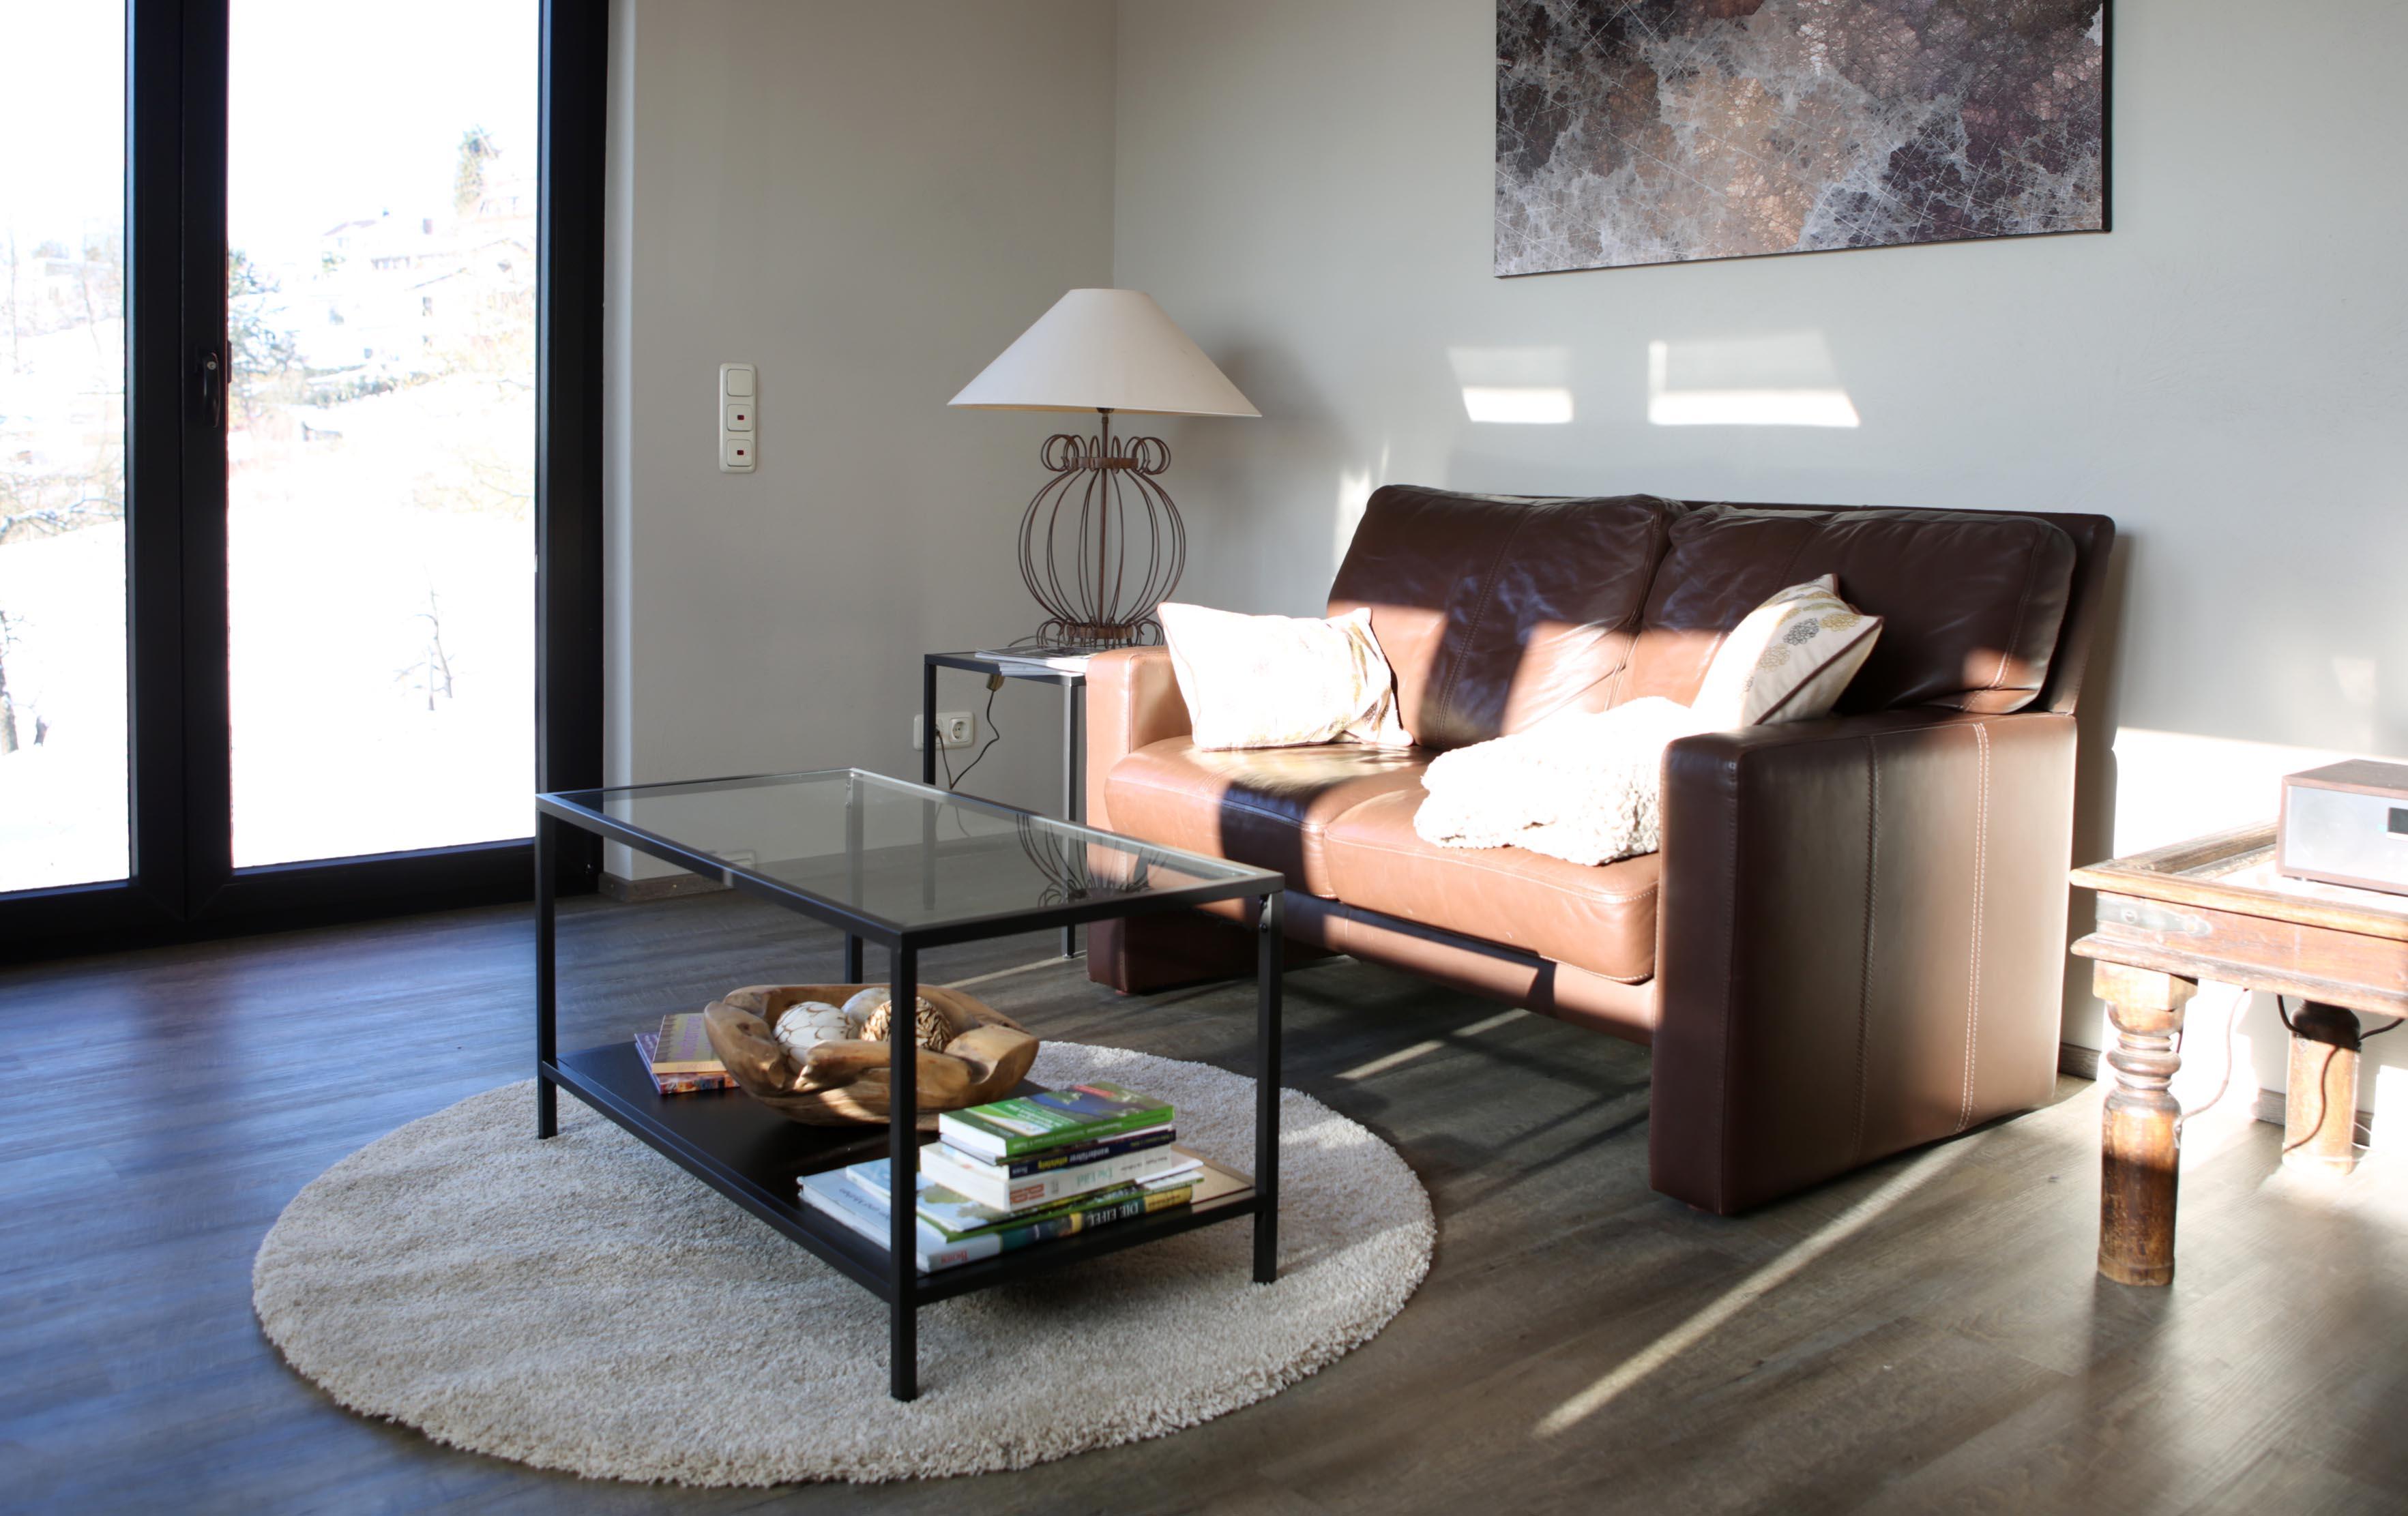 sch ner wohnen pauelshof. Black Bedroom Furniture Sets. Home Design Ideas